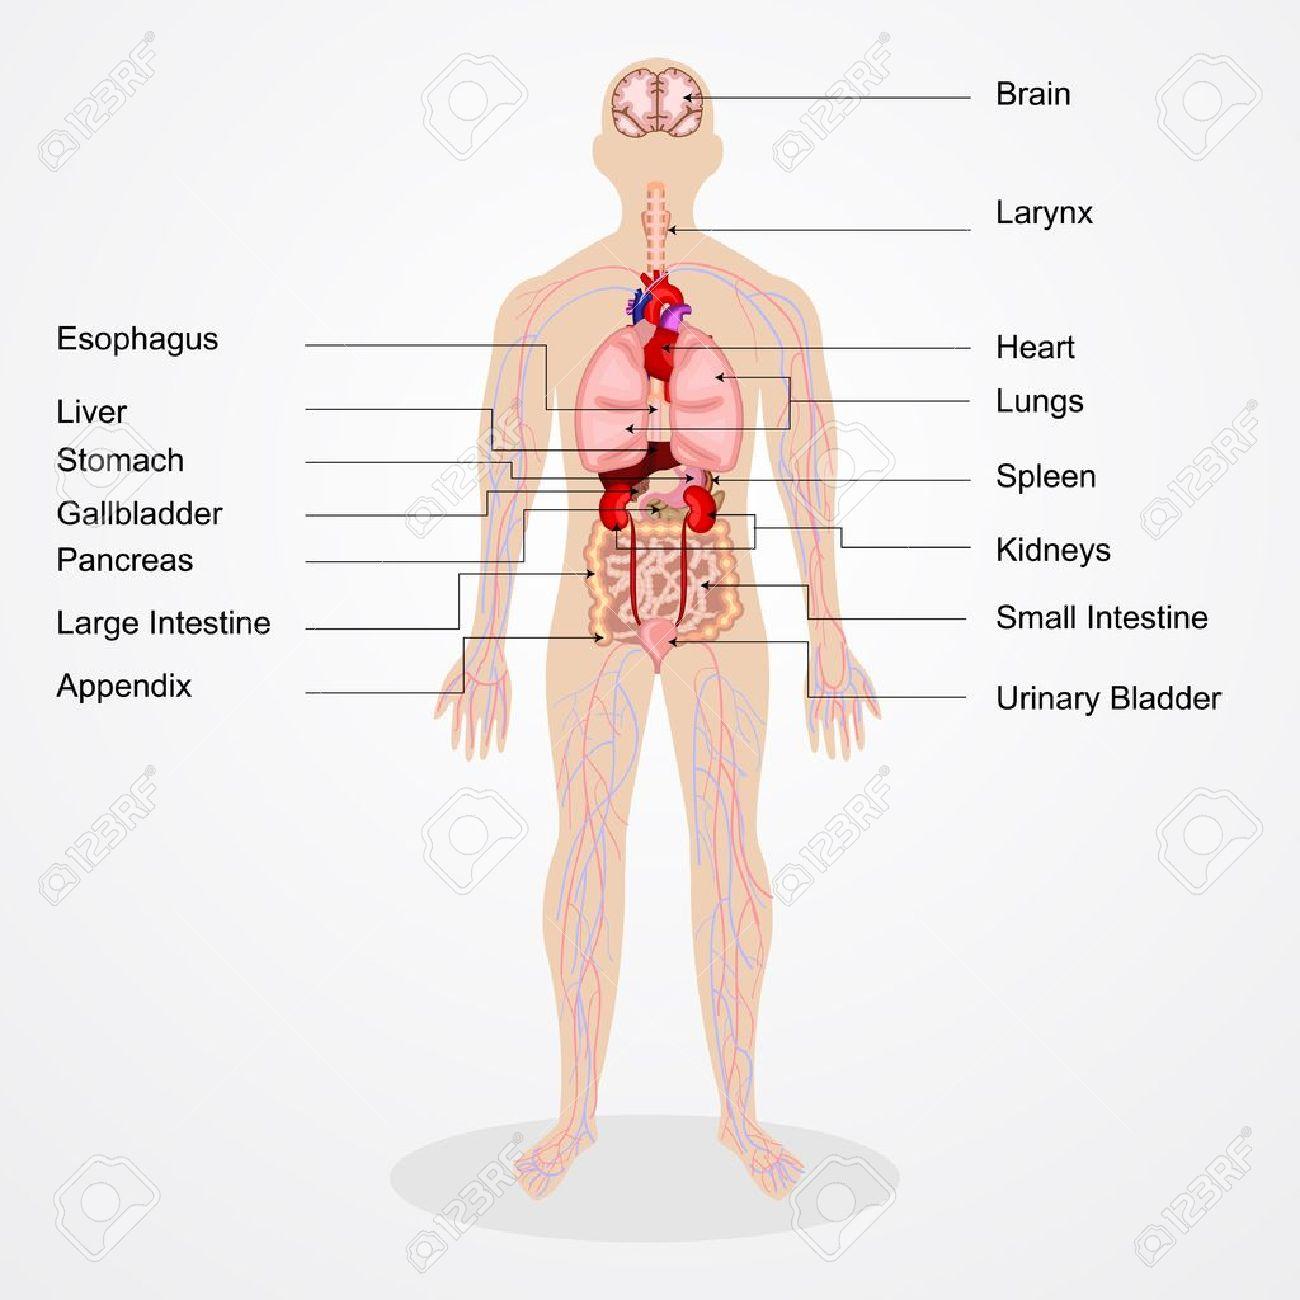 Anatomie Image dentrodabiblia: anatomie